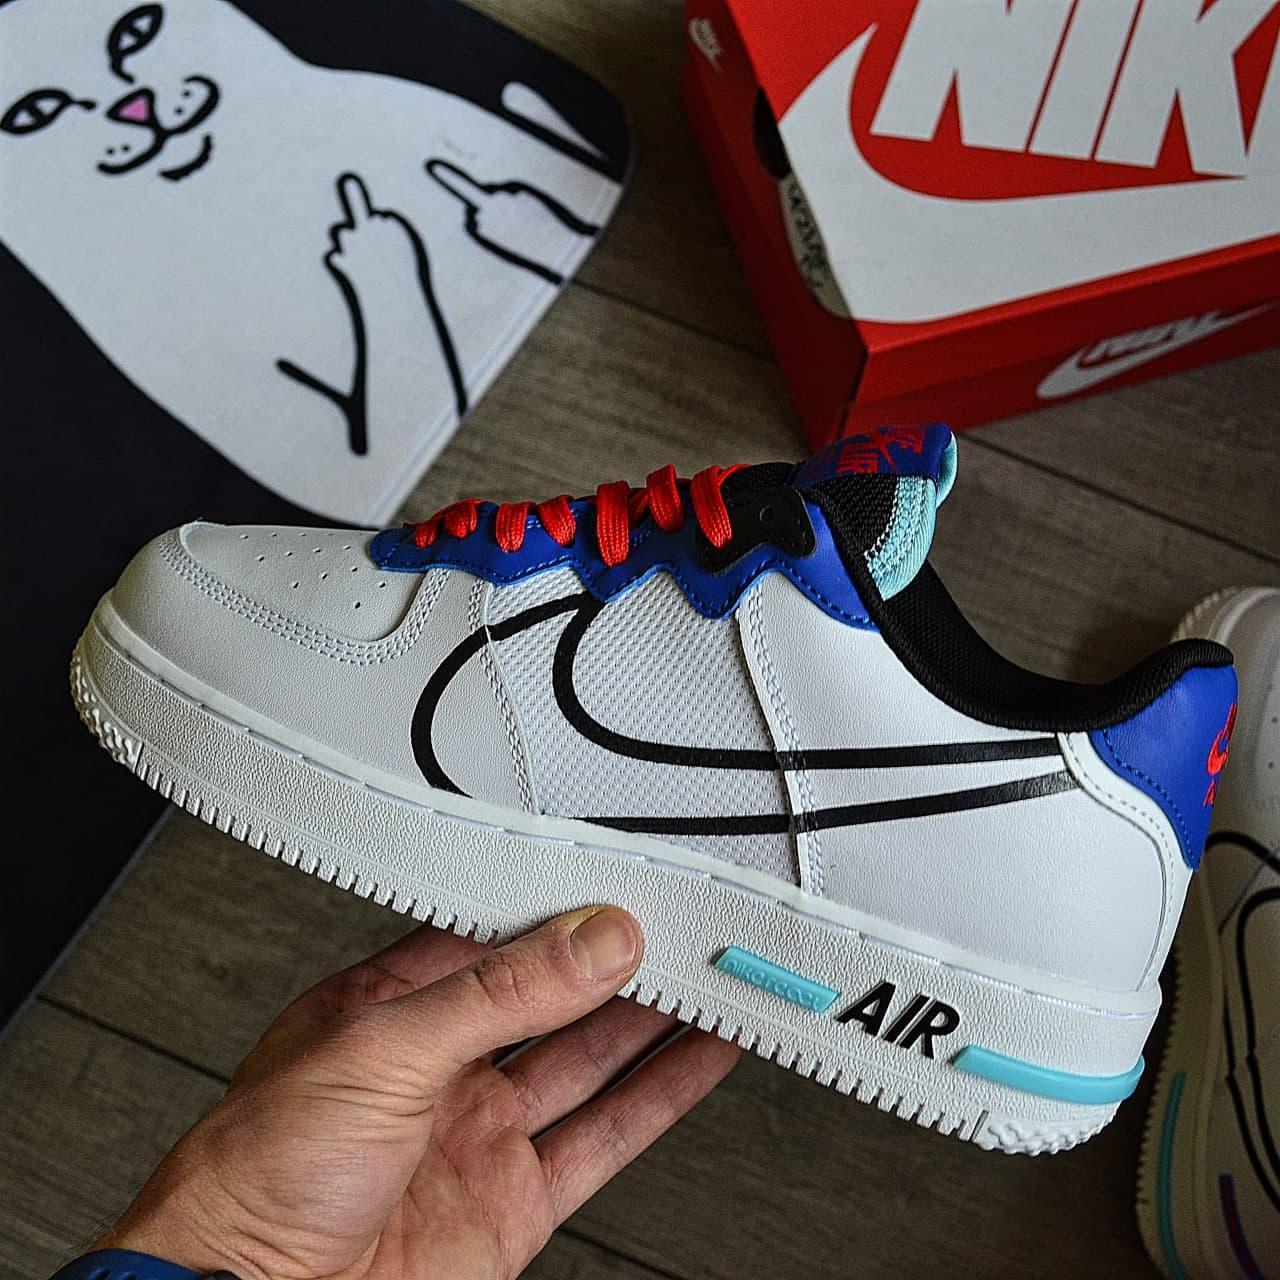 Мужские кроссовки Nike Air force 1 low React белые демисезонные. Живое фото. Реплика. Чоловічі кросівки весна